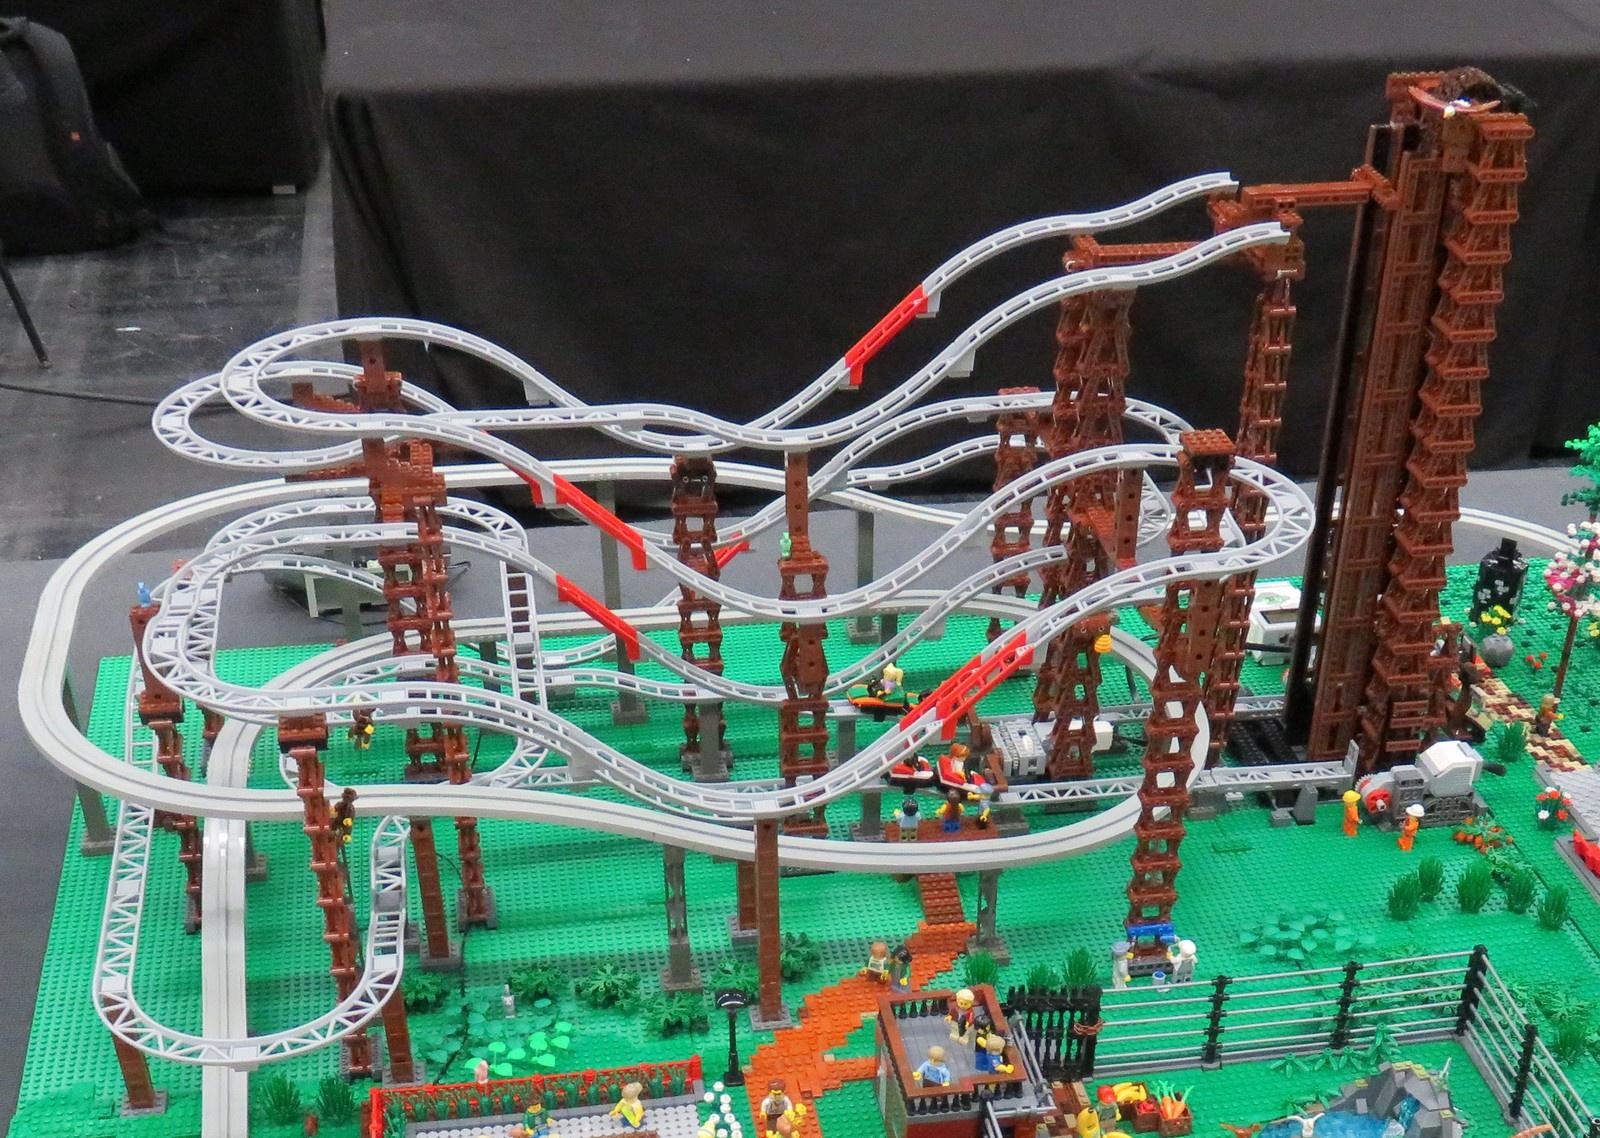 Doppel Achterbahn Mit Automatischem Aufzug Lego Bei 1000steinede